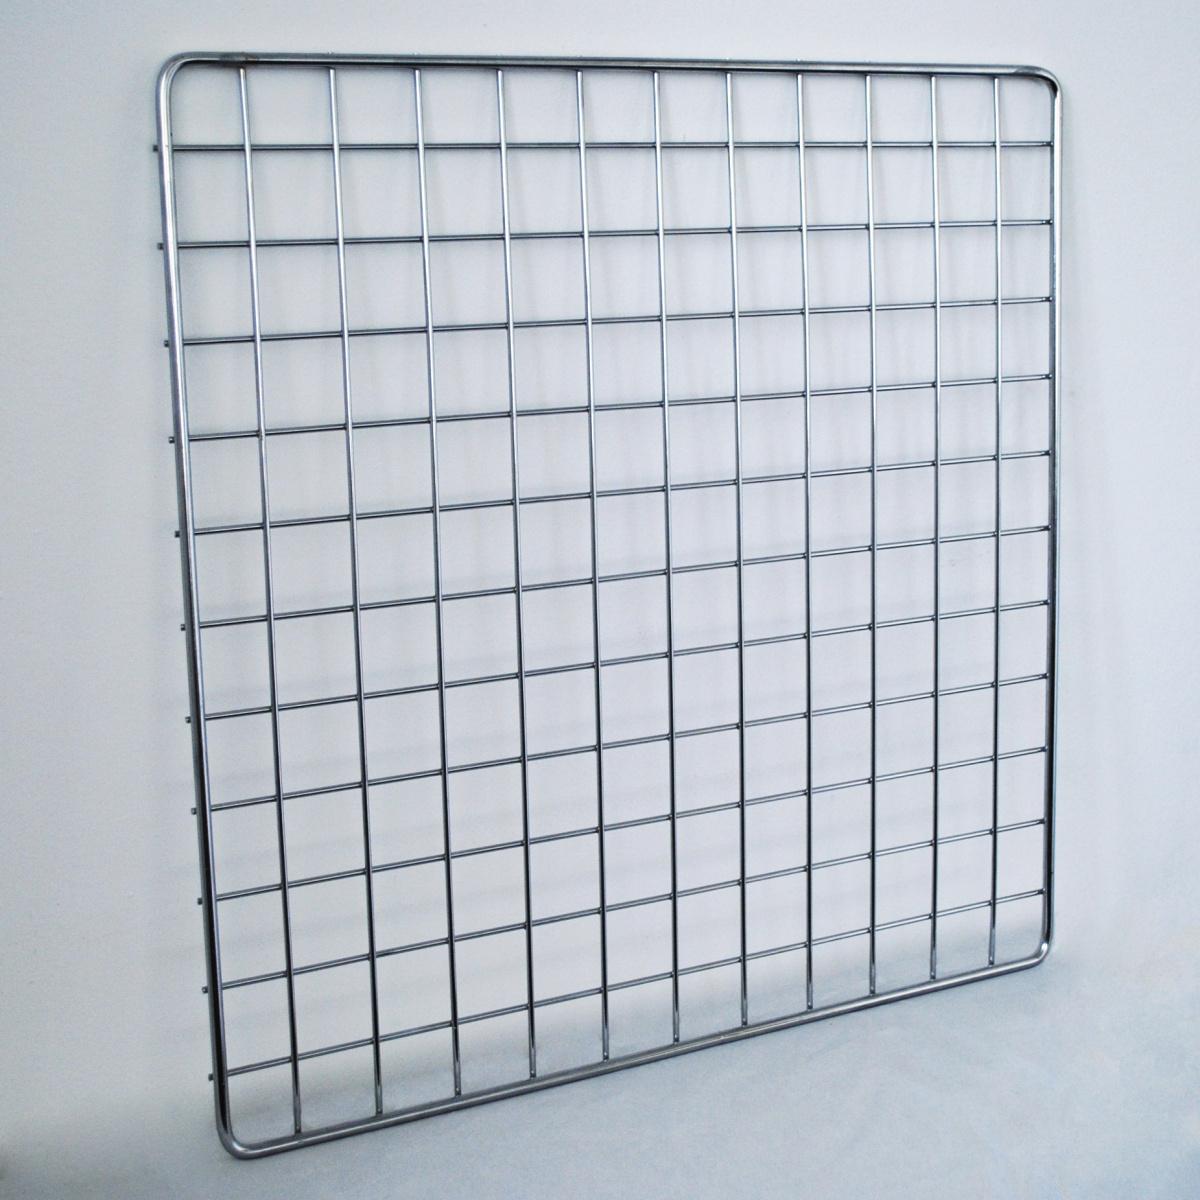 металлическая сетка на стену